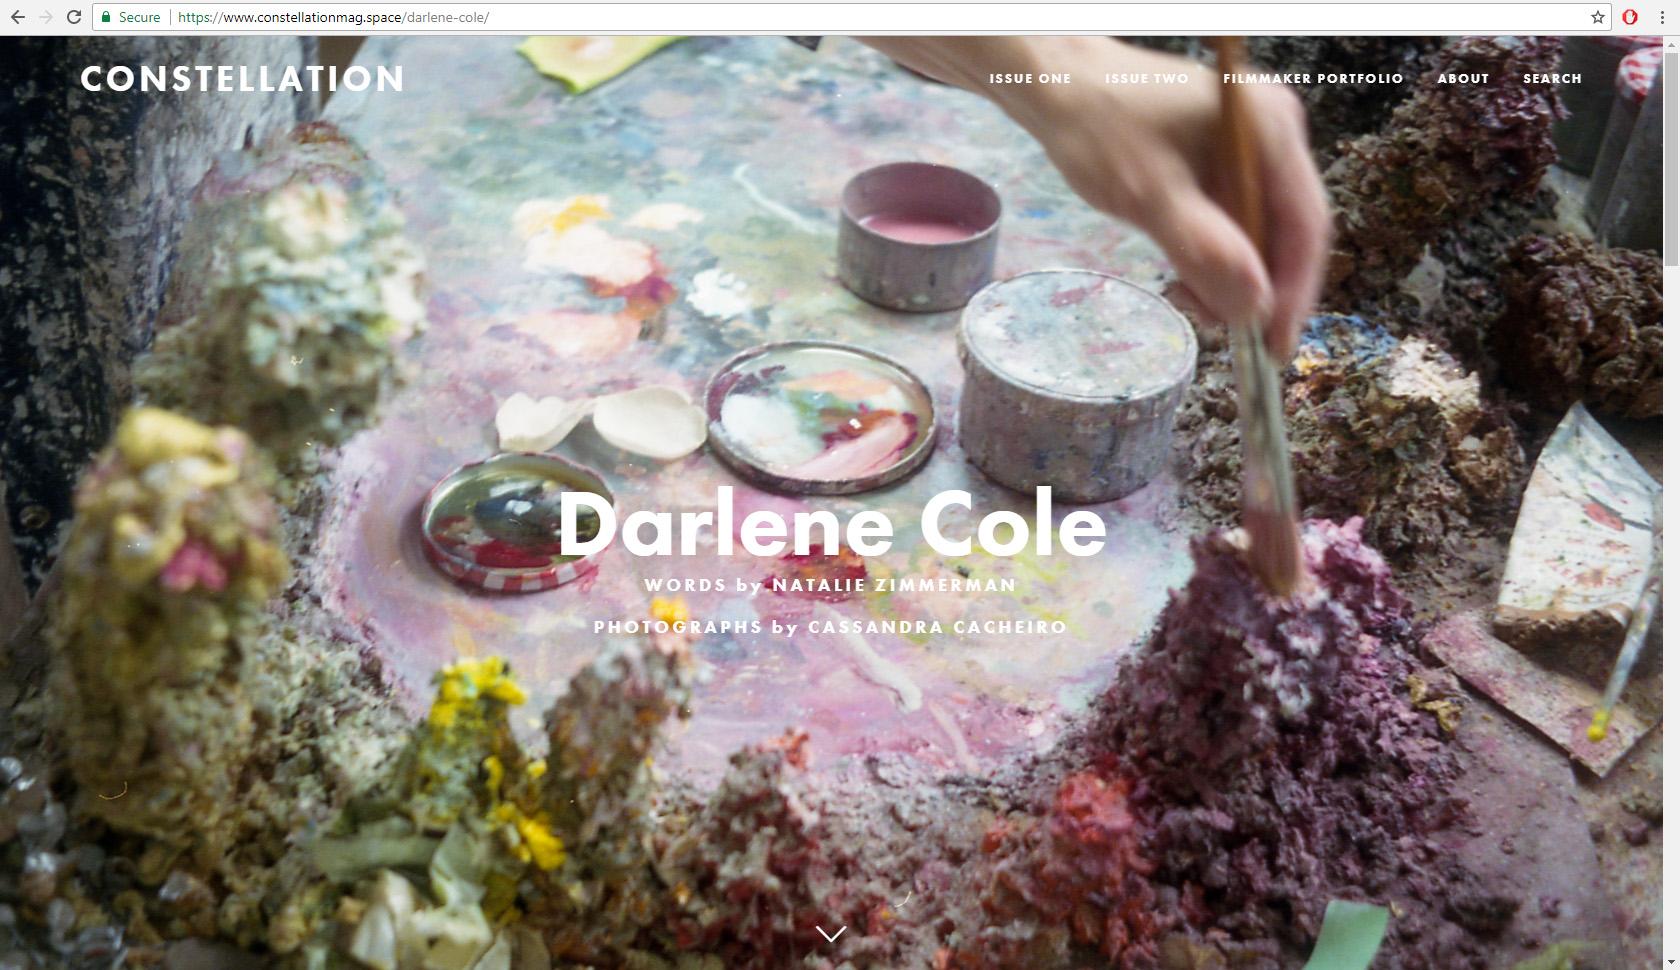 Constellation Magazine Darlene cole.jpg